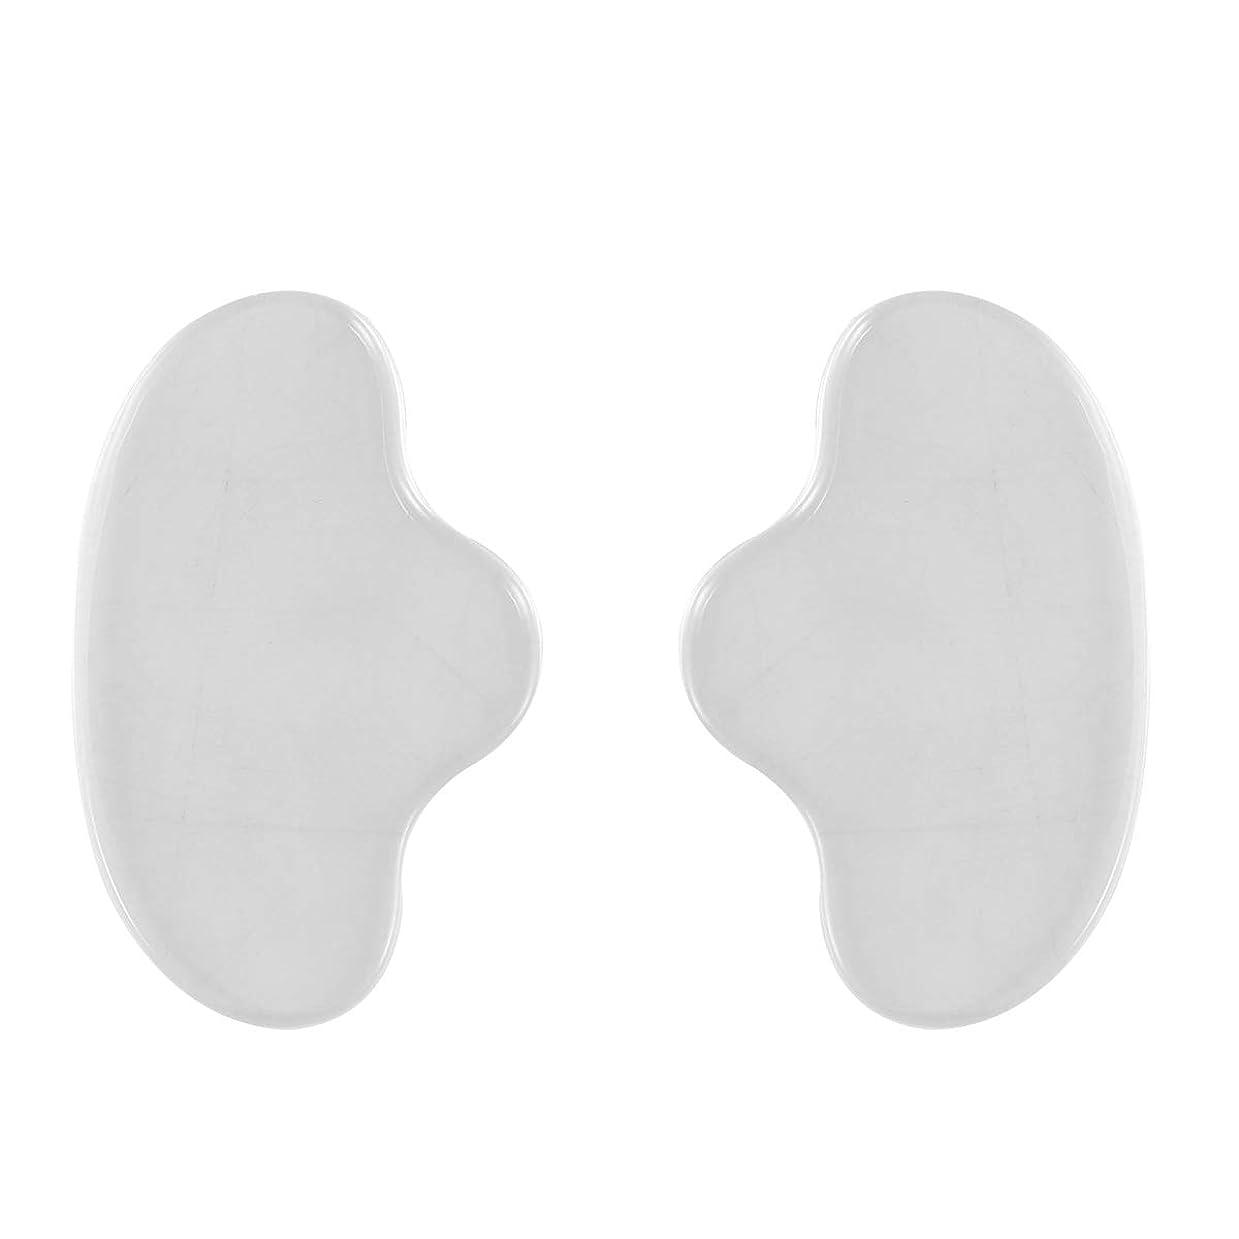 それにもかかわらず動脈蒸Healiftyシリコンフェイシャルチンマスクフェイスパッドシワ防止リムーバーパッチ再利用可能な見えないパッド防止フェイスシワ2個